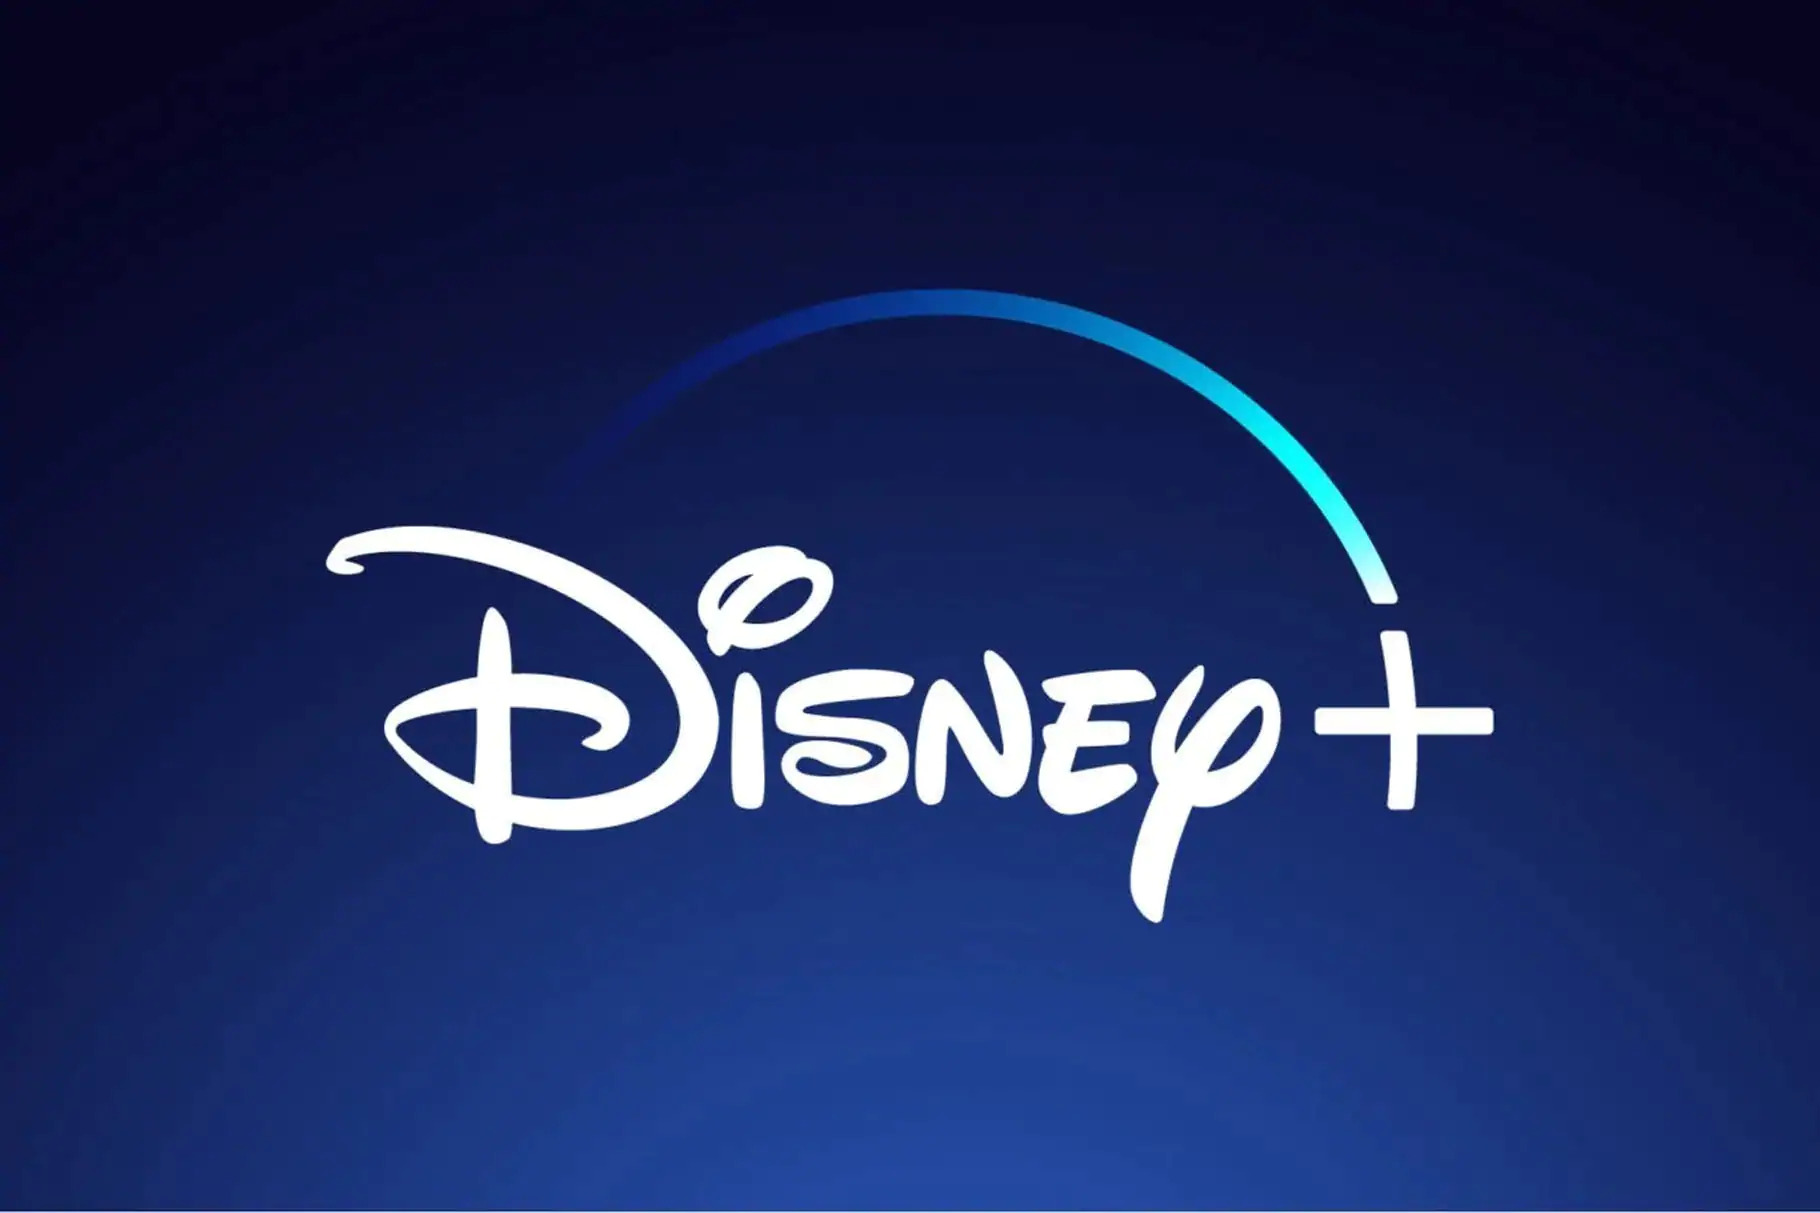 Βρείτε μεγάλη ποικιλία από τα Μοναδικά παιχνίδια Disney στην καλύτερη τιμή στο Puppets